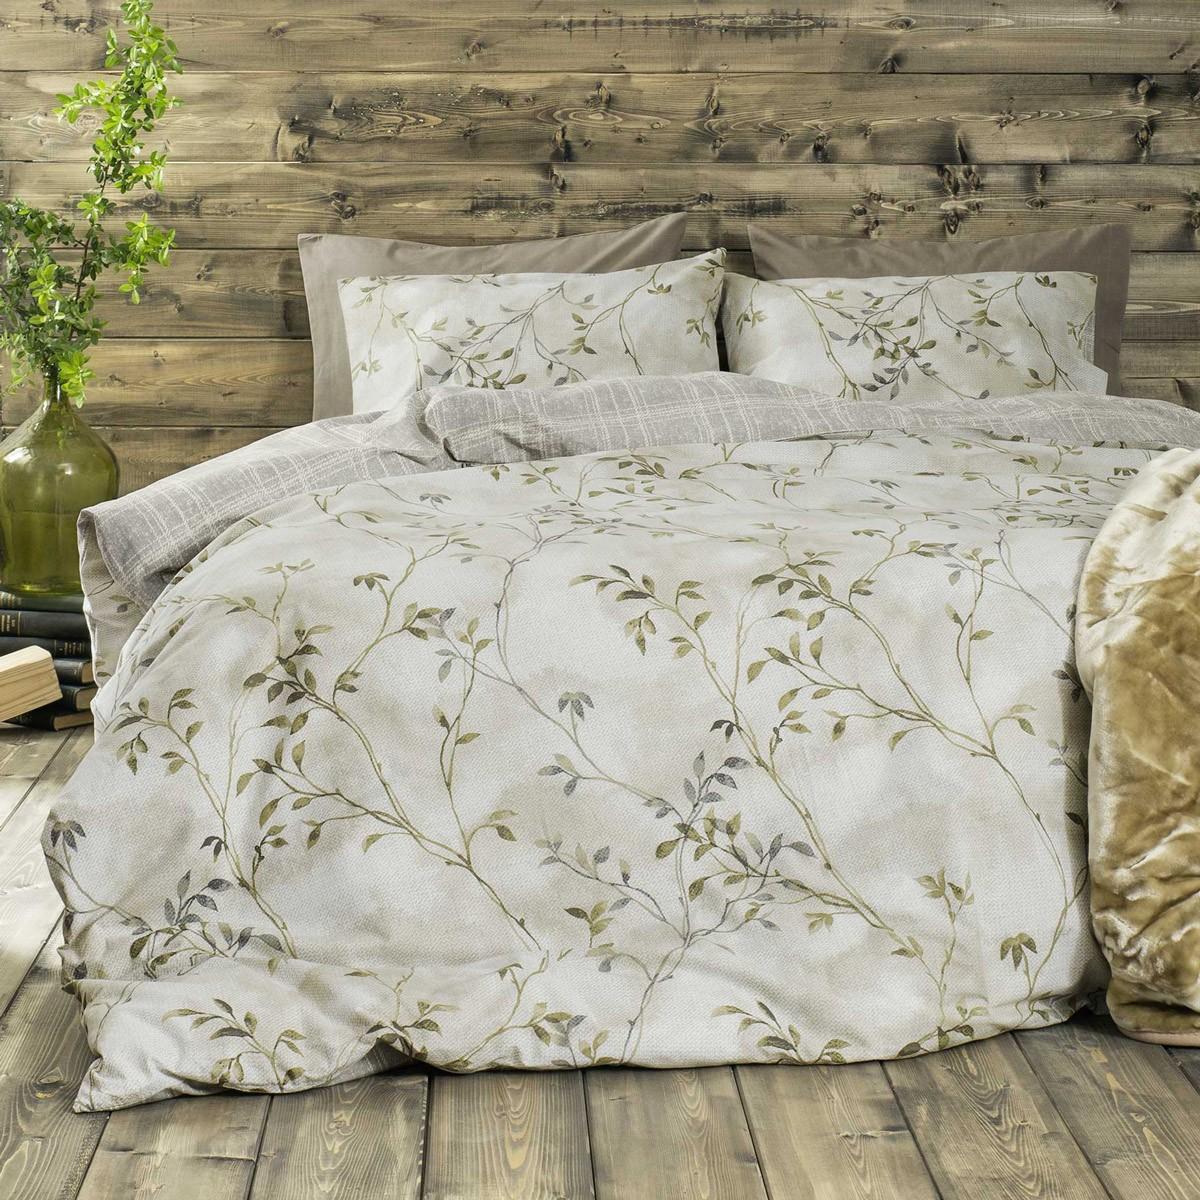 Παπλωματοθήκη Υπέρδιπλη (Σετ) Nima Bed Linen Fiorenza Green